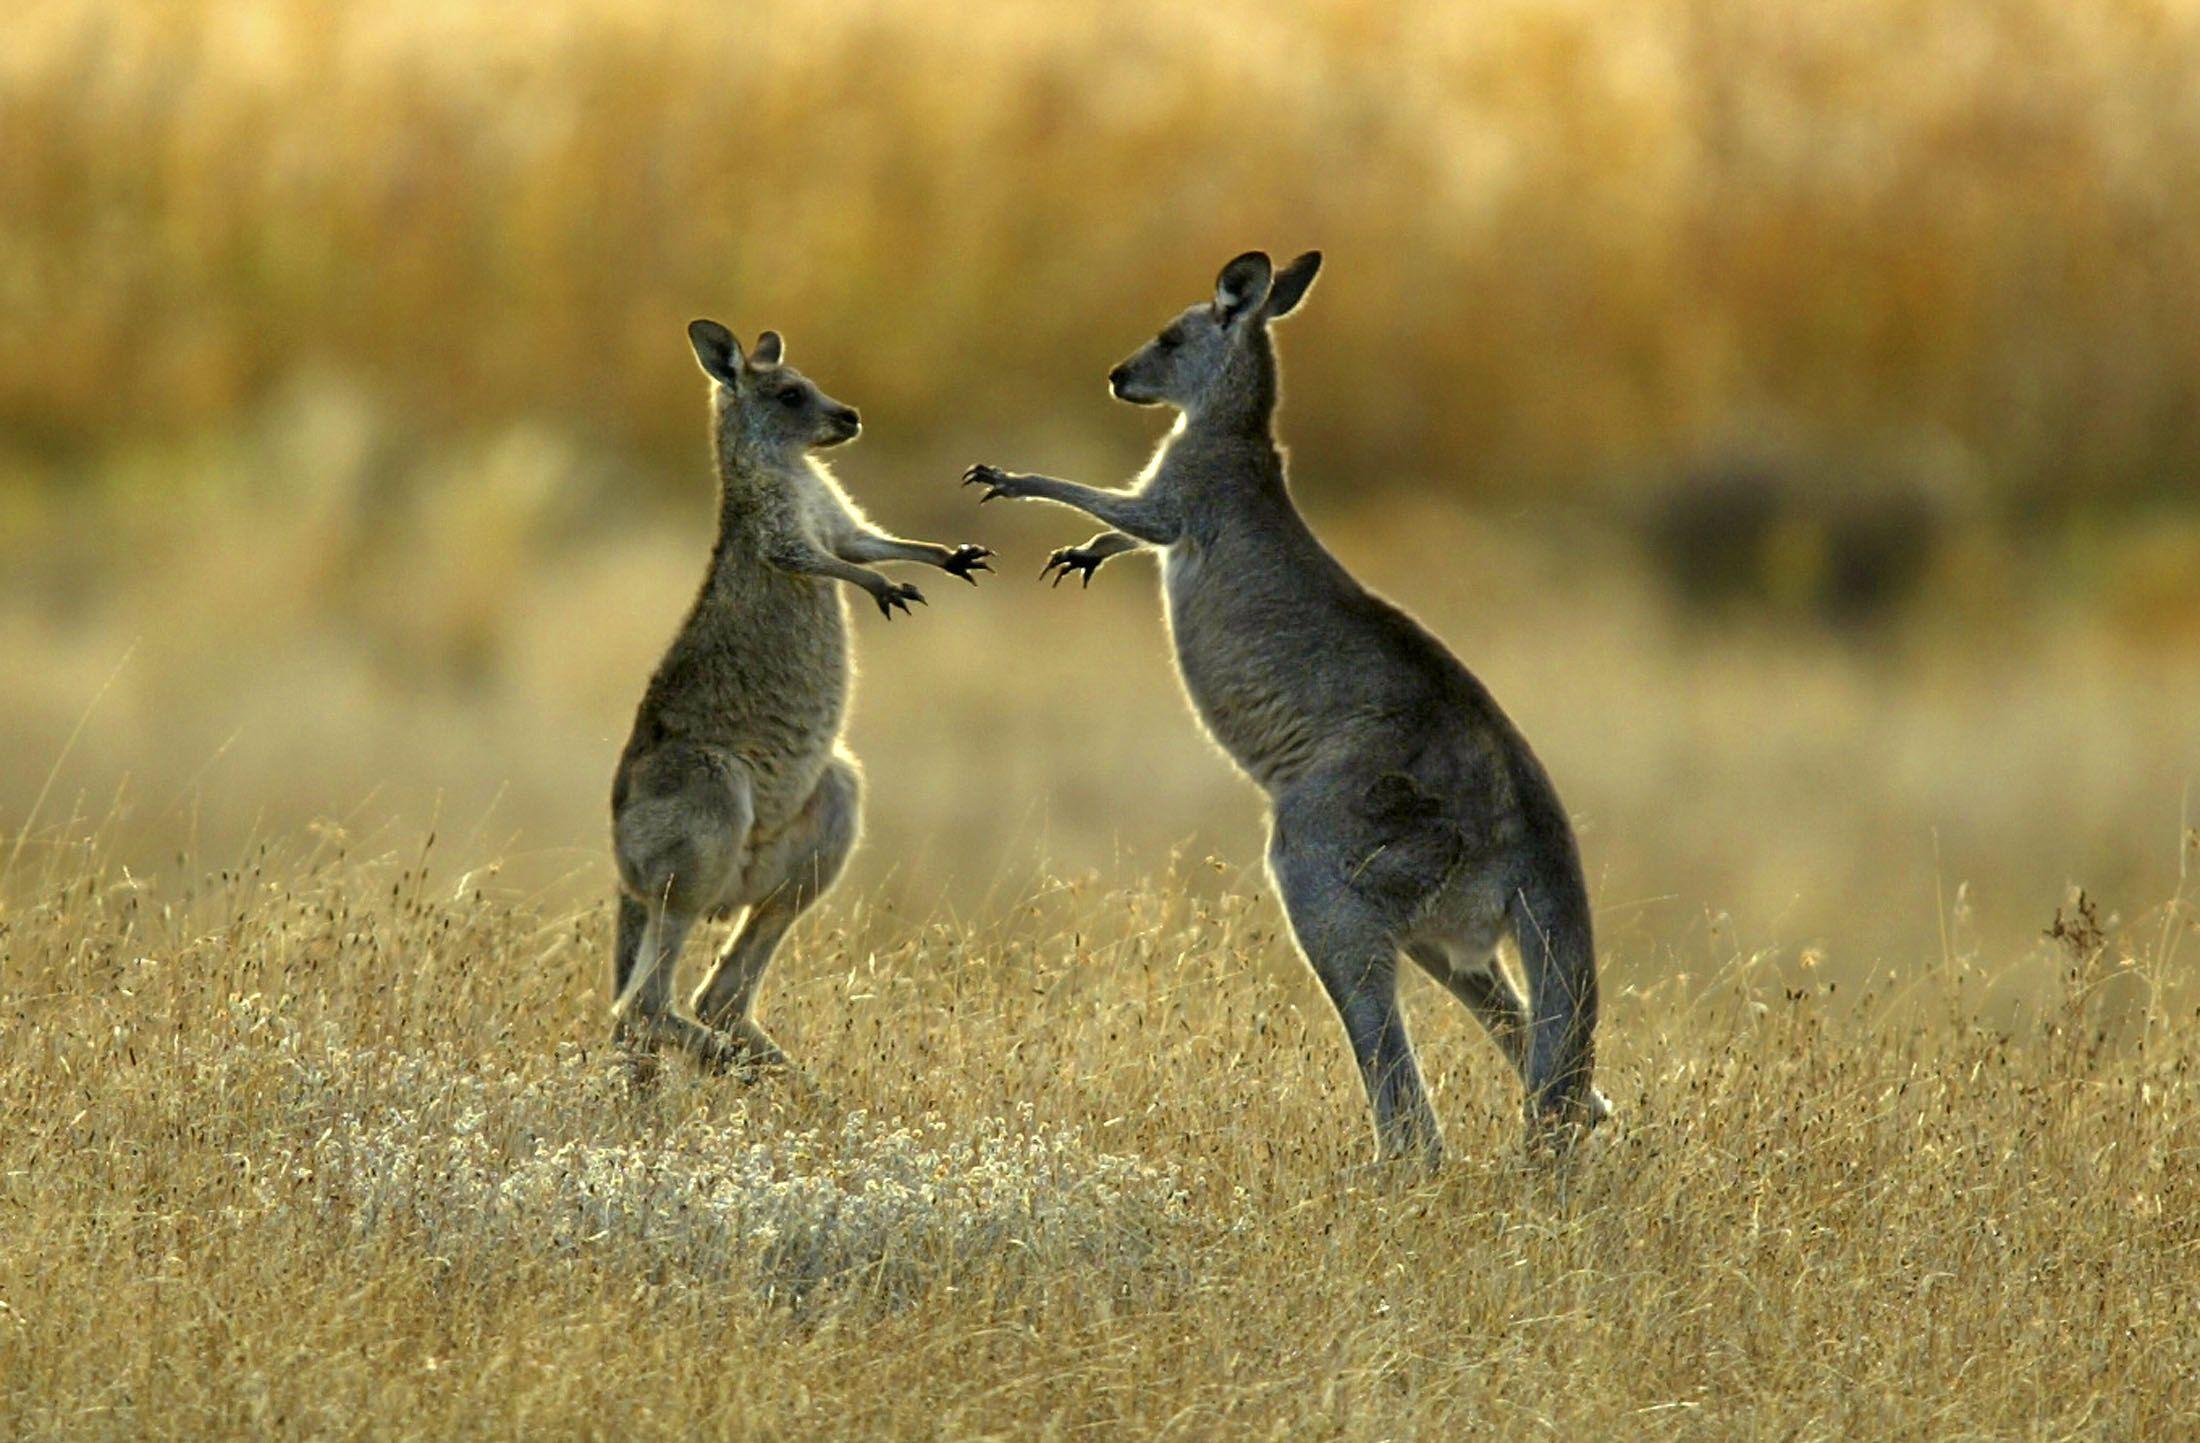 kangaroo-fight